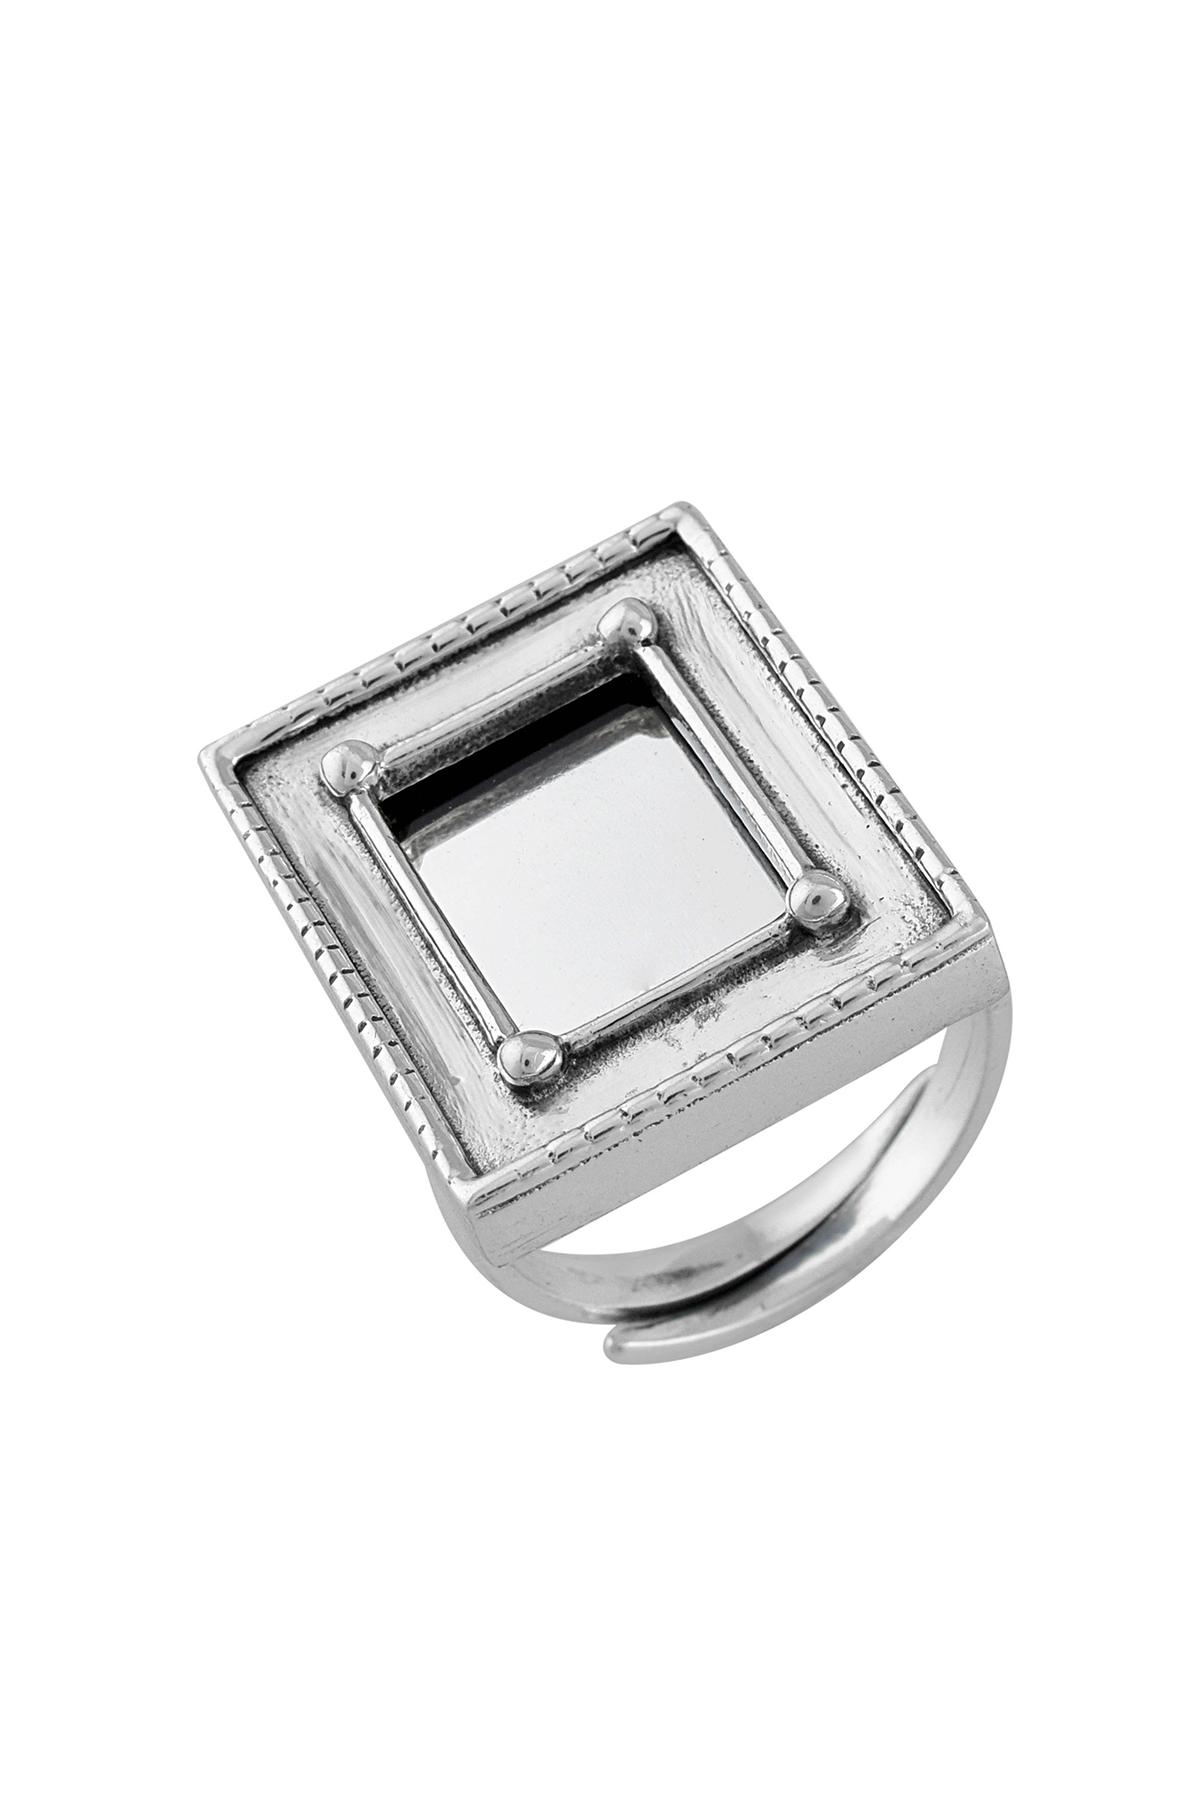 Silver Rectangular Frame Mirror Adjustable Ring